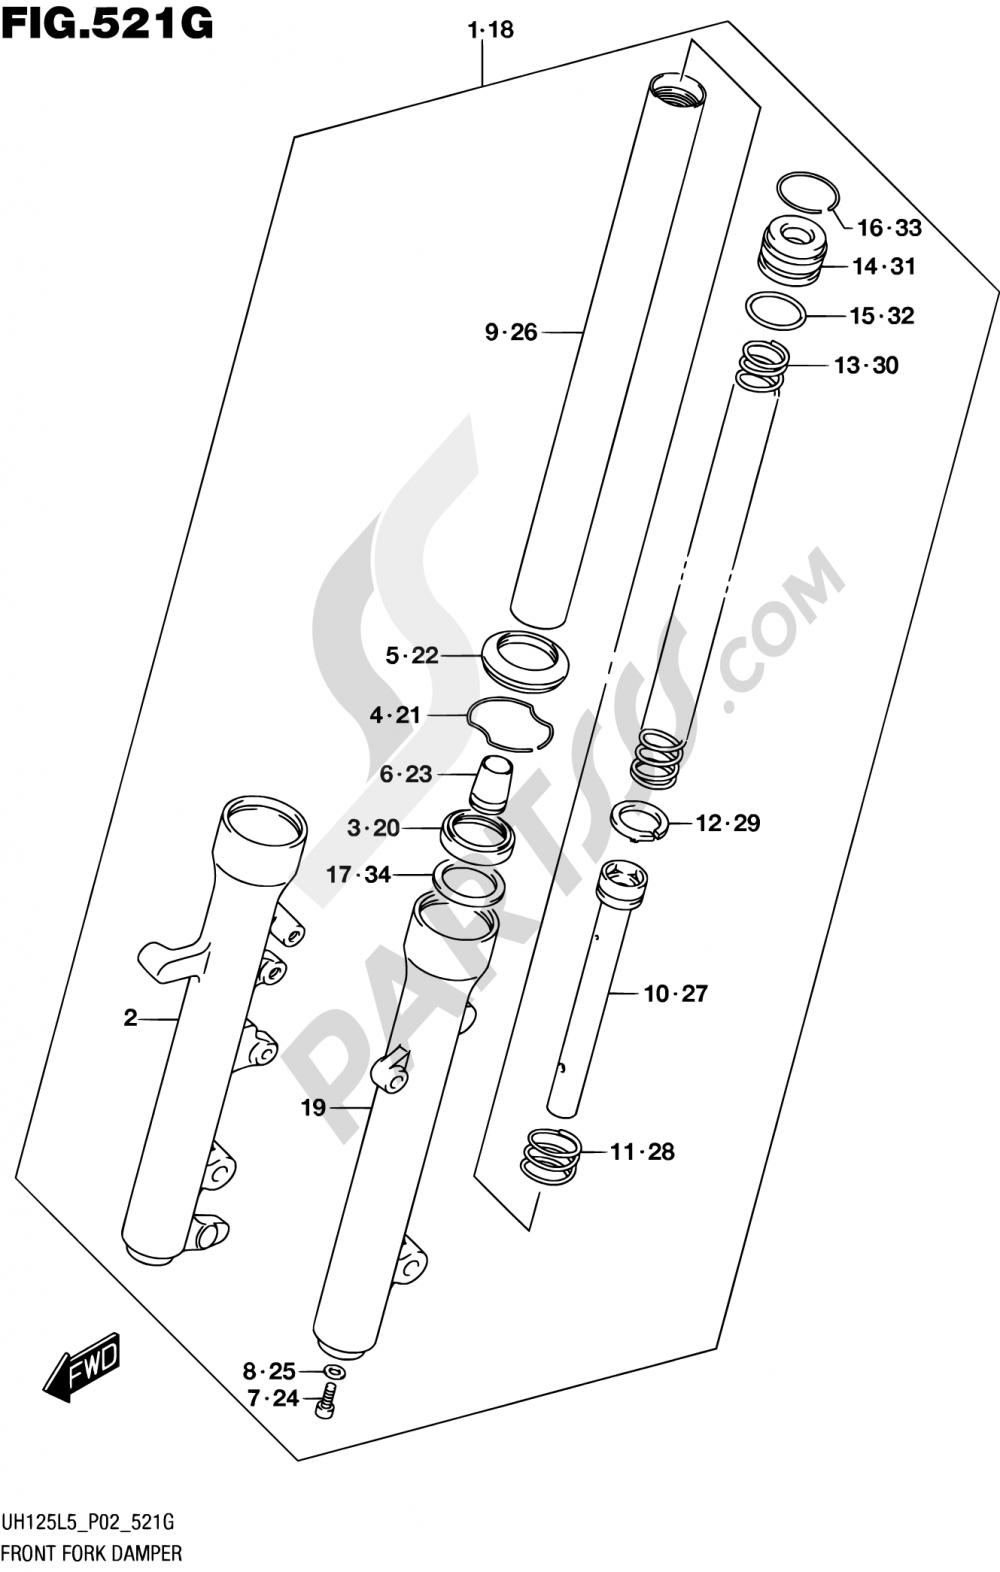 521G - FRONT FORK DAMPER (UH125AL5 P34) Suzuki BURGMAN UH125 2015